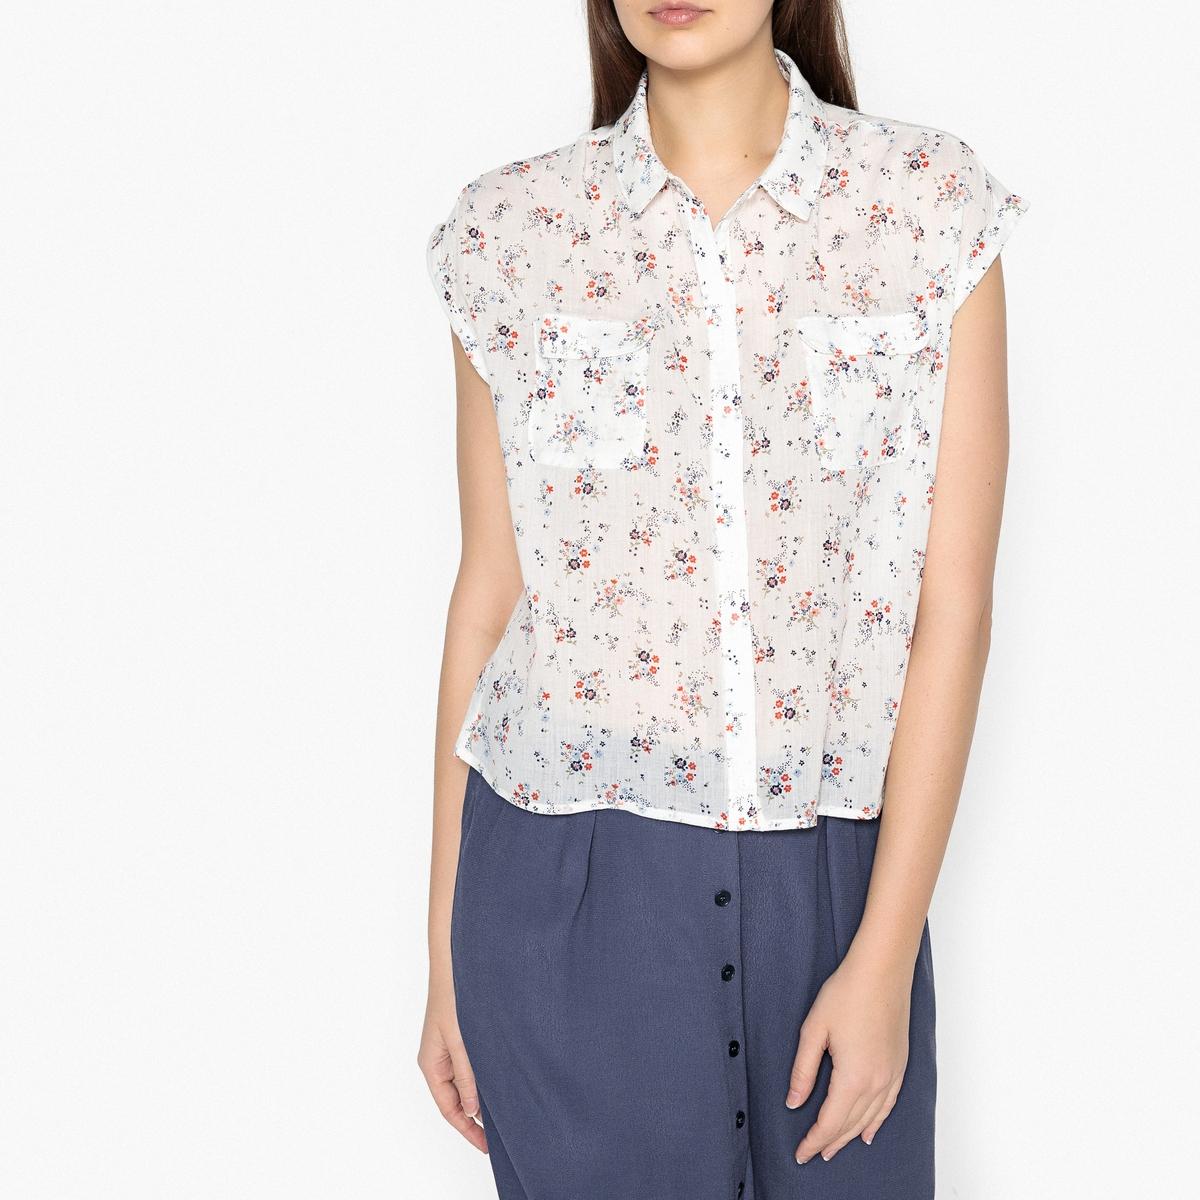 Блузка с рисунком и короткими рукавами LILO блузка кружевная с короткими рукавами